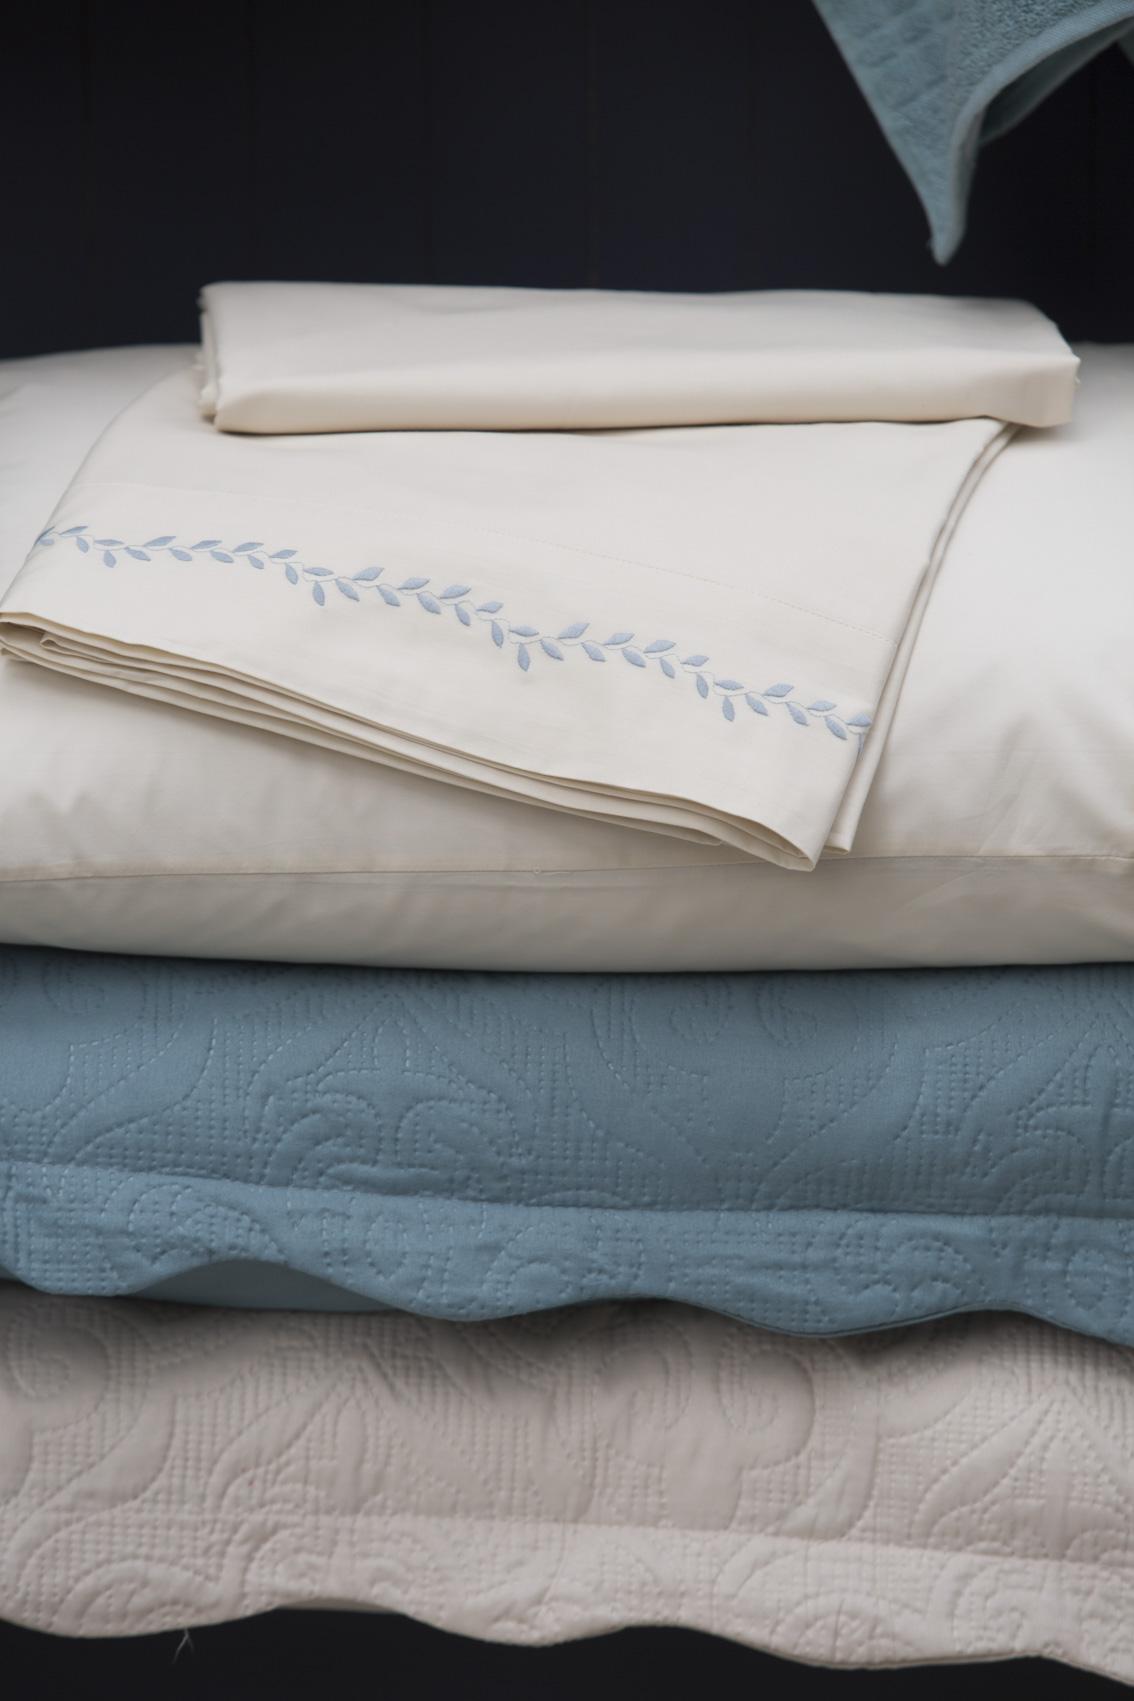 Cuidados essenciais com a roupa de cama branca